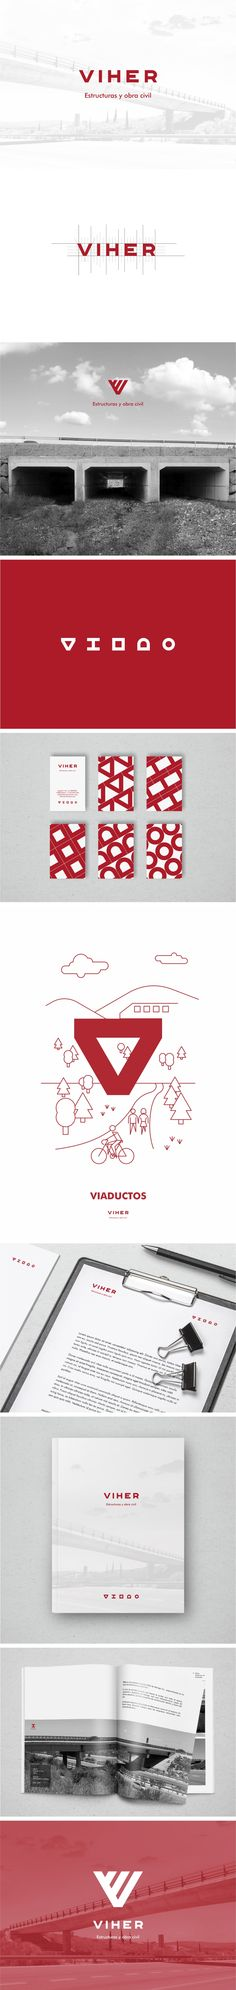 Viher Construction | Identidad